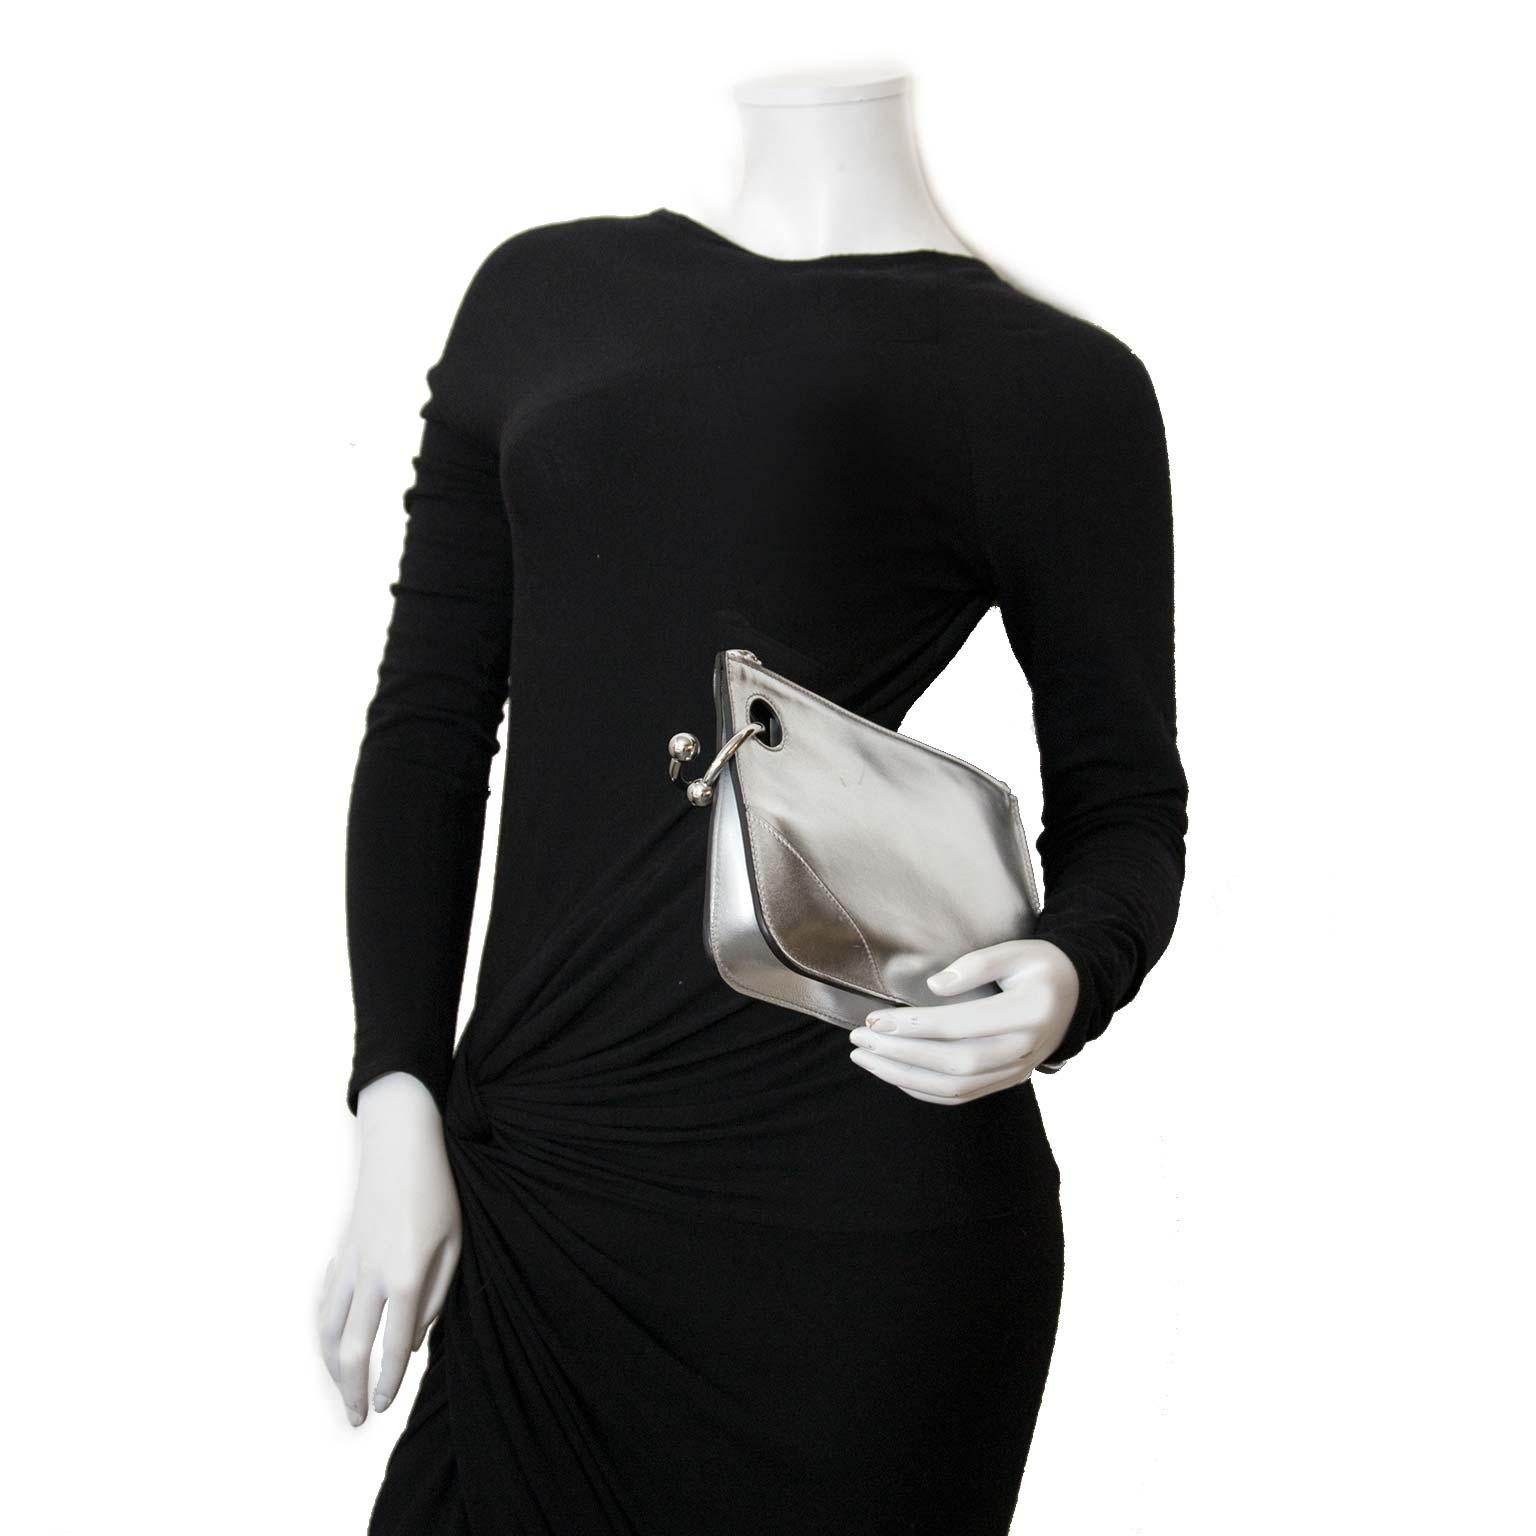 koop authentieke jw anderson zilver pierce clutchen nu online bij labellov vintage mode webshop belgië